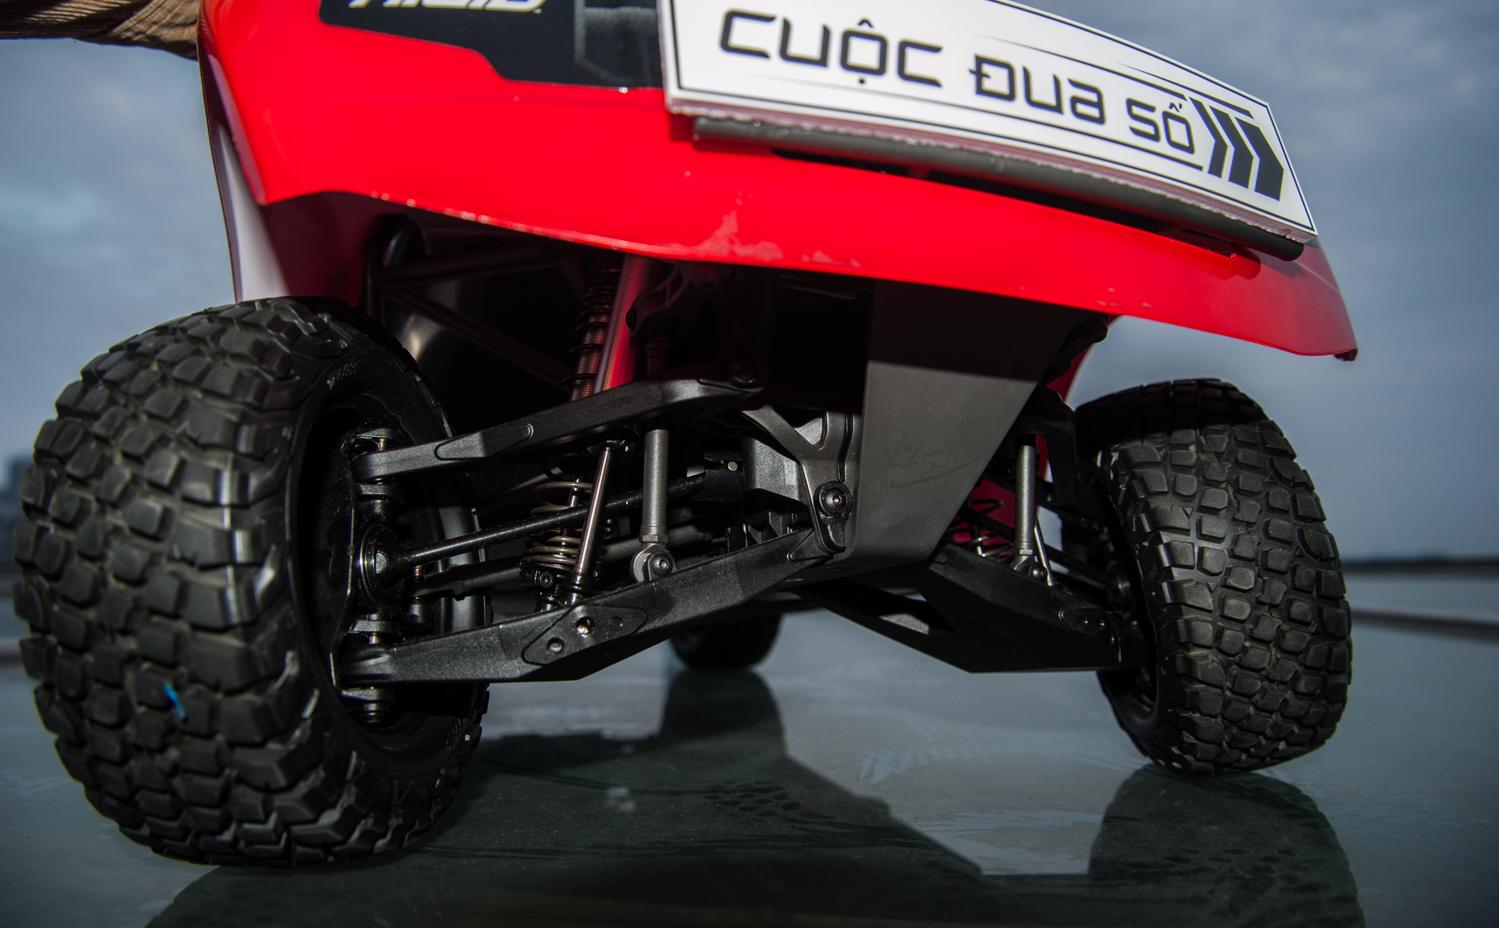 Chiếc xe đua mới cũng được tích hợp hệ thống phanh và giảm sóc tiêu chuẩn xe đua mô hình. Với những thay đổi này, các đội chơi mùa 3 sẽ phải giải thêm nhiều bài toán về kiểm soát tốc độ, chống rung camera so với năm trước. Điều này giúp cuộc thi sát với thực tế xe tự lái hơn.